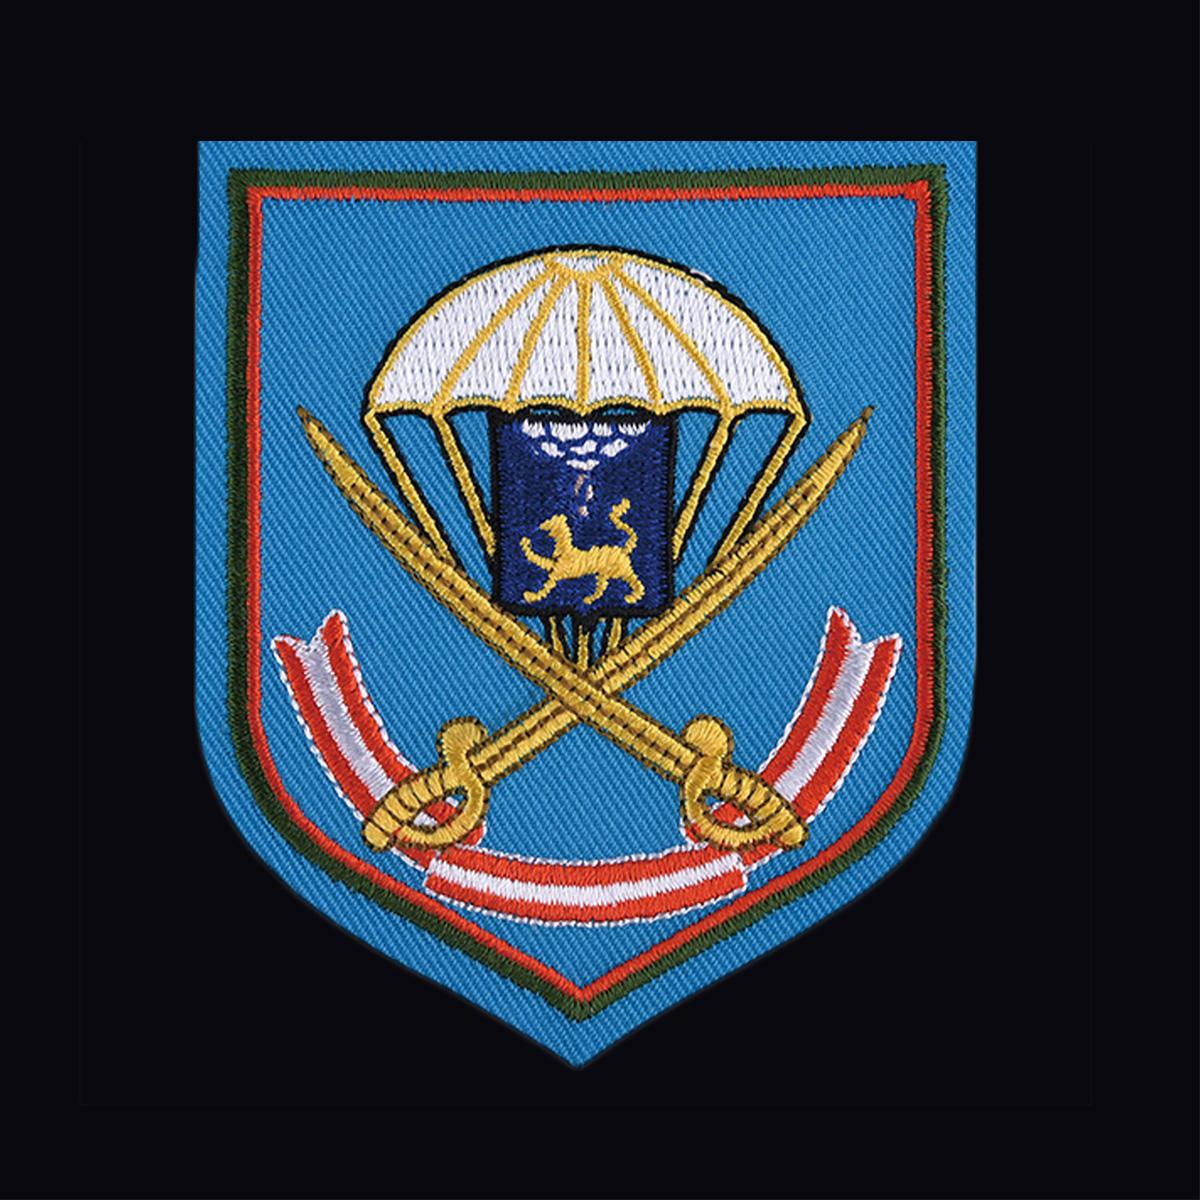 Мужская военная футболка с вышитой эмблемой ВДВ 104 ПДП - заказать в подарок